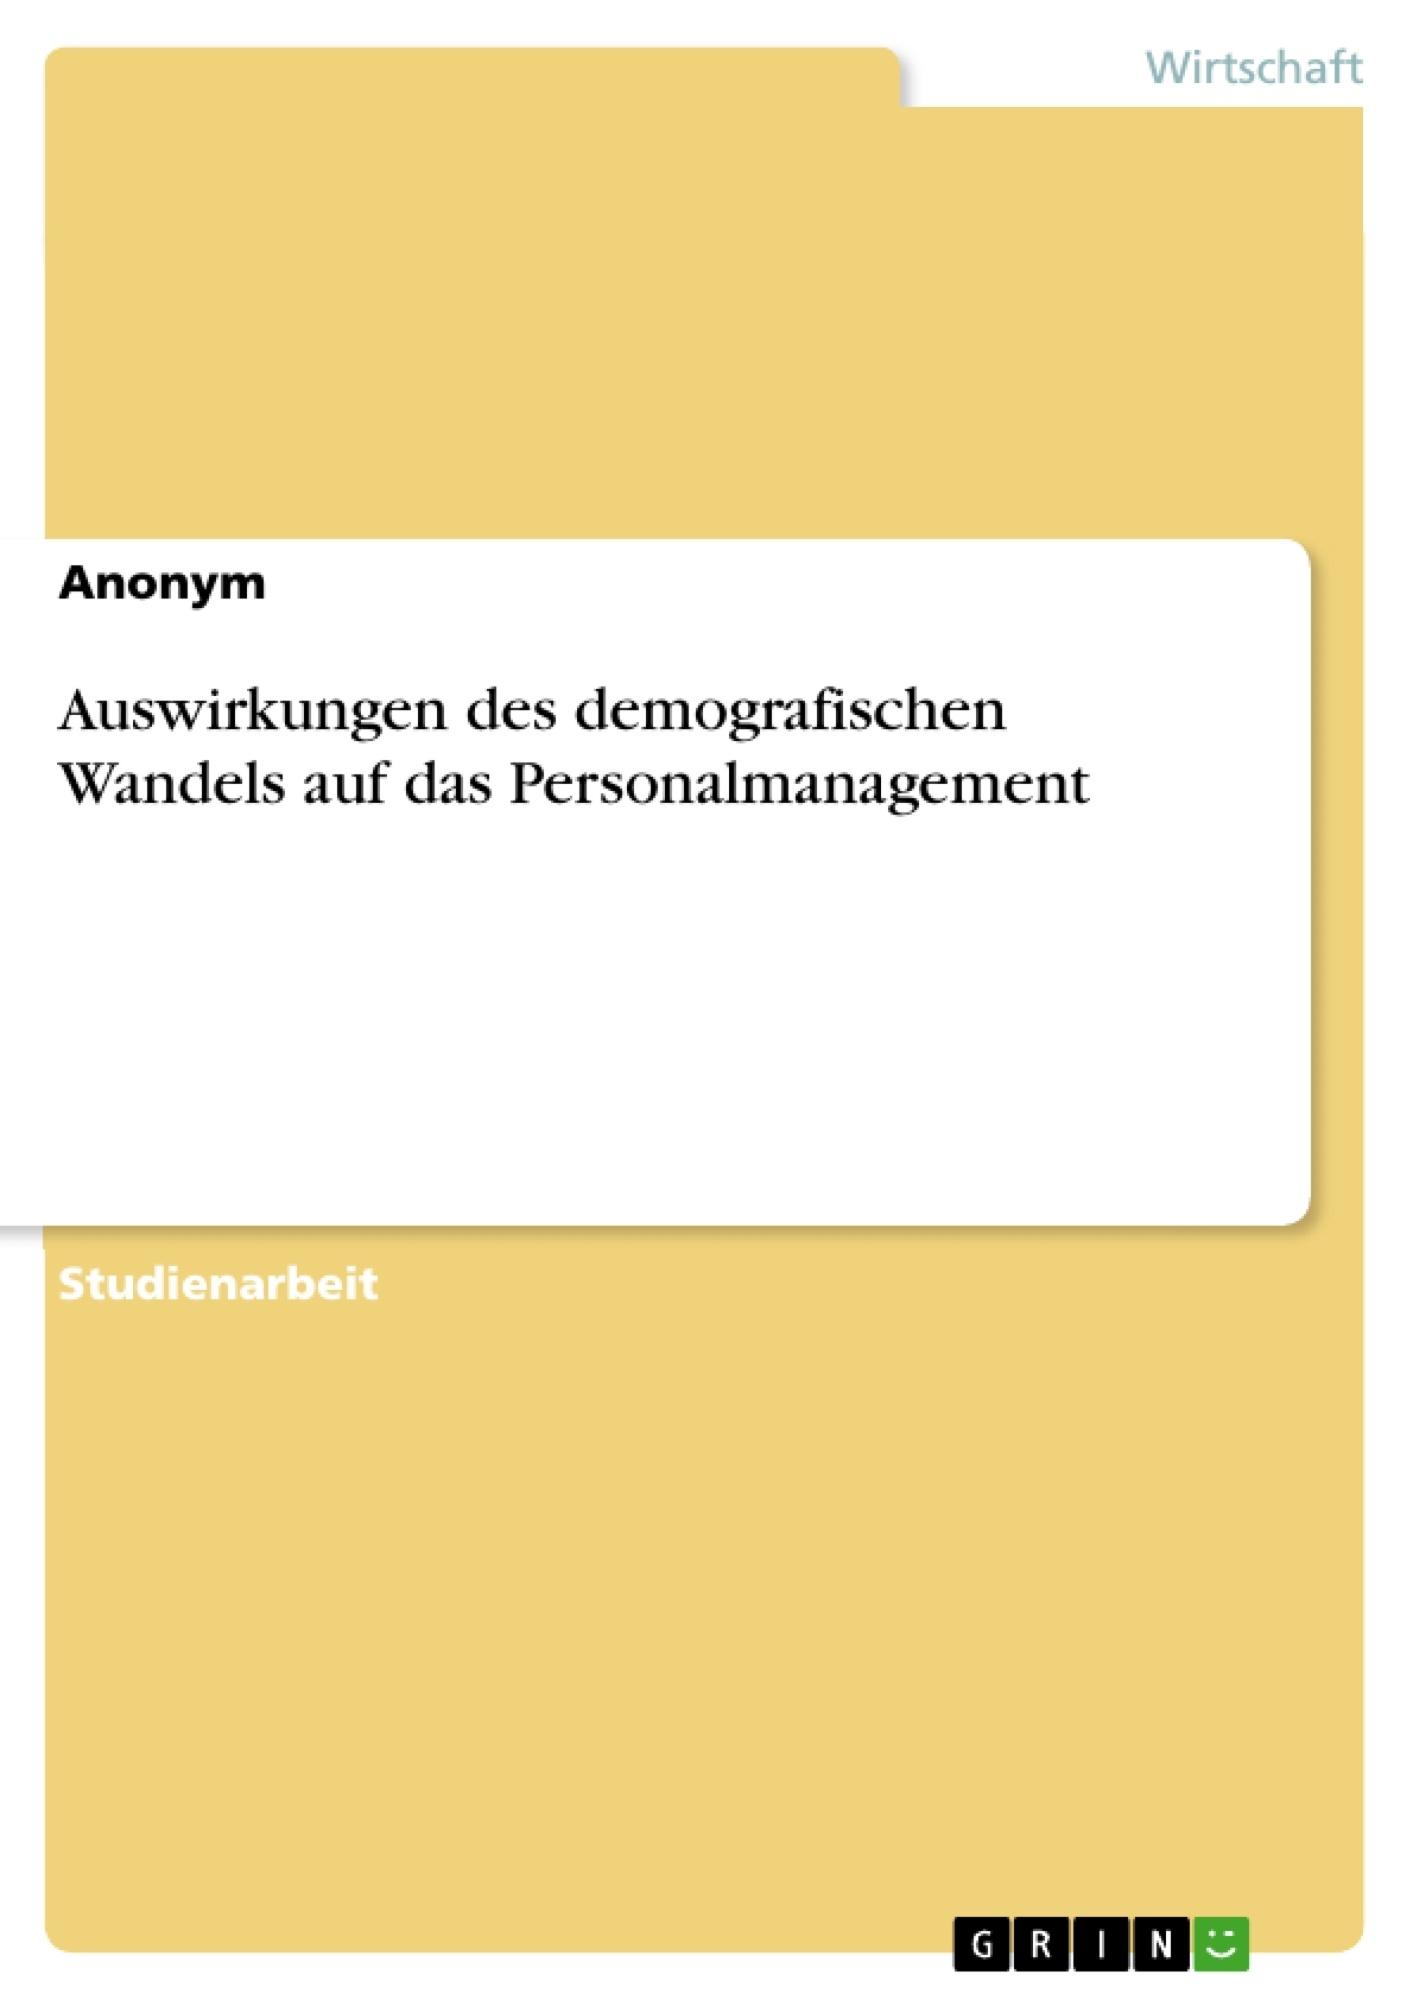 Titel: Auswirkungen des demografischen Wandels auf das Personalmanagement